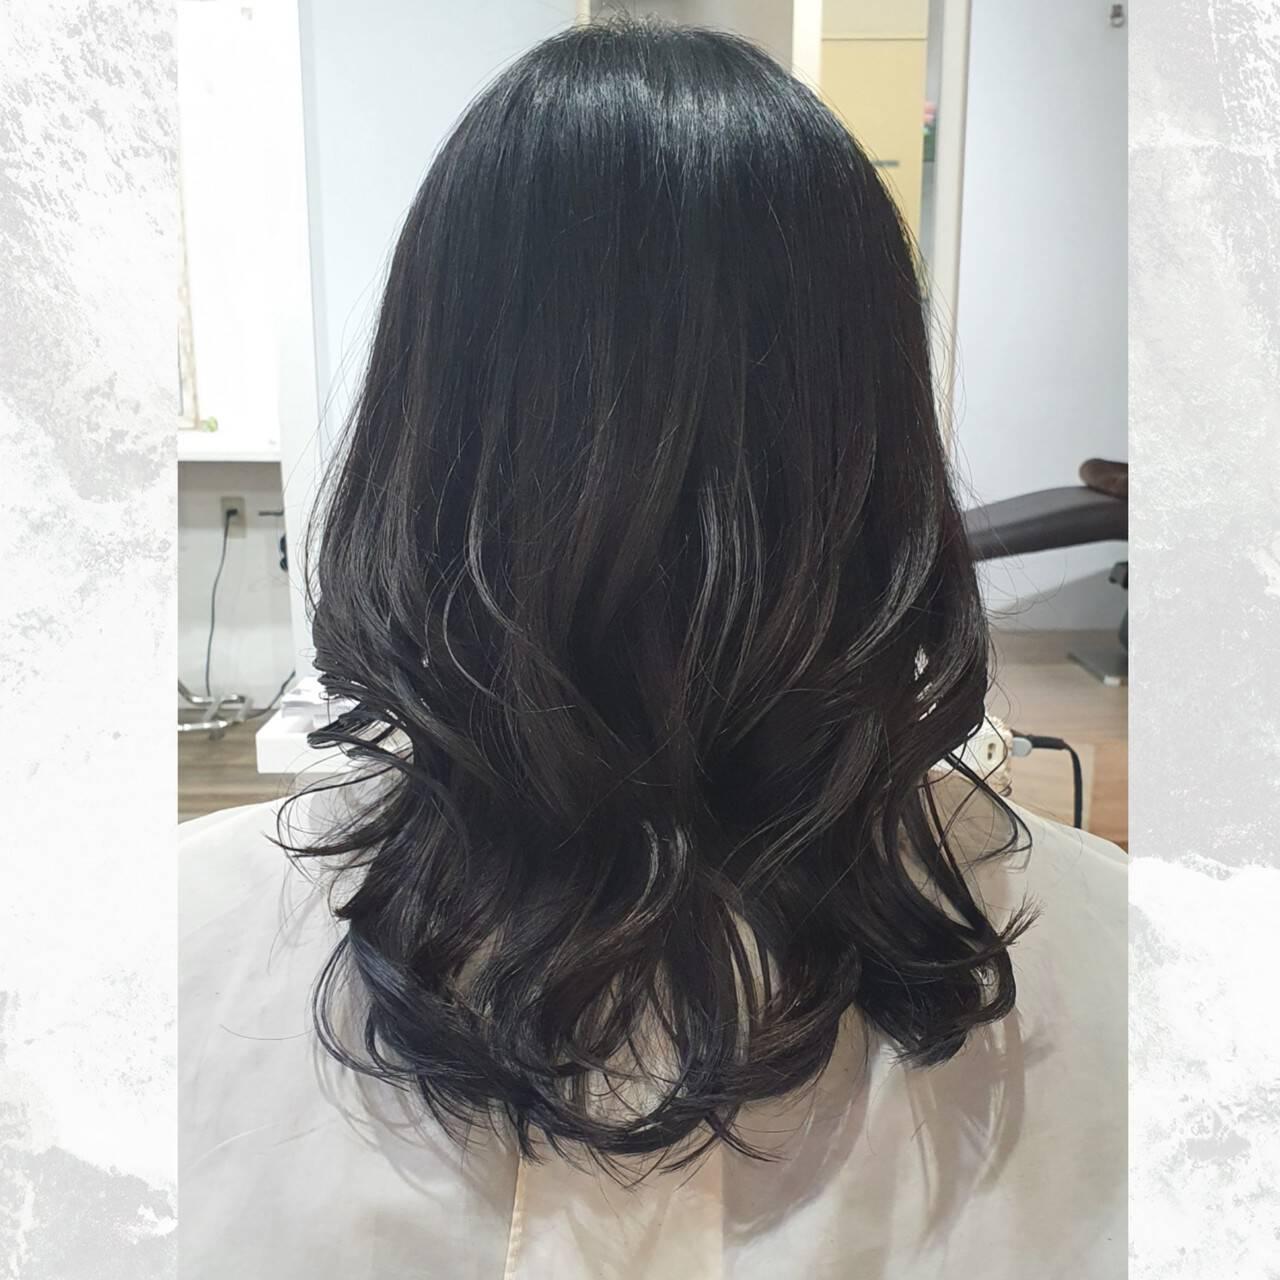 レイヤースタイル セミロング ナチュラル 外ハネヘアスタイルや髪型の写真・画像